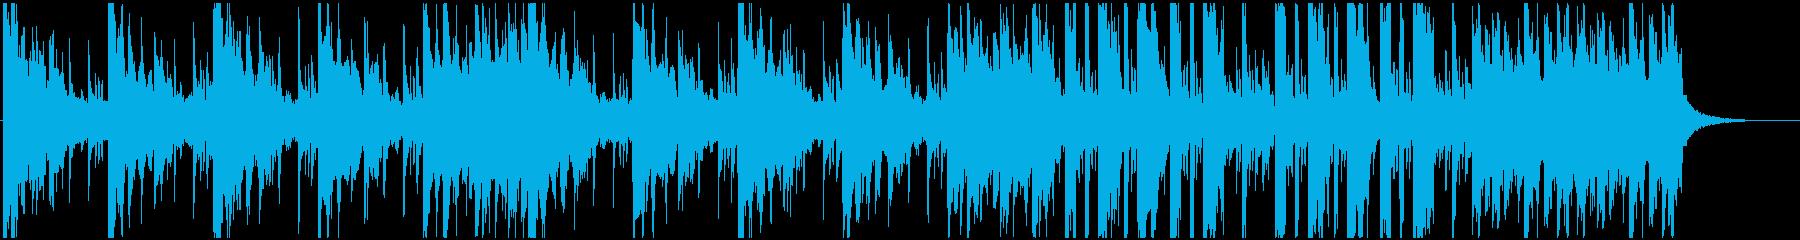 スピード感と浮遊感のドラムンベースリフ。の再生済みの波形